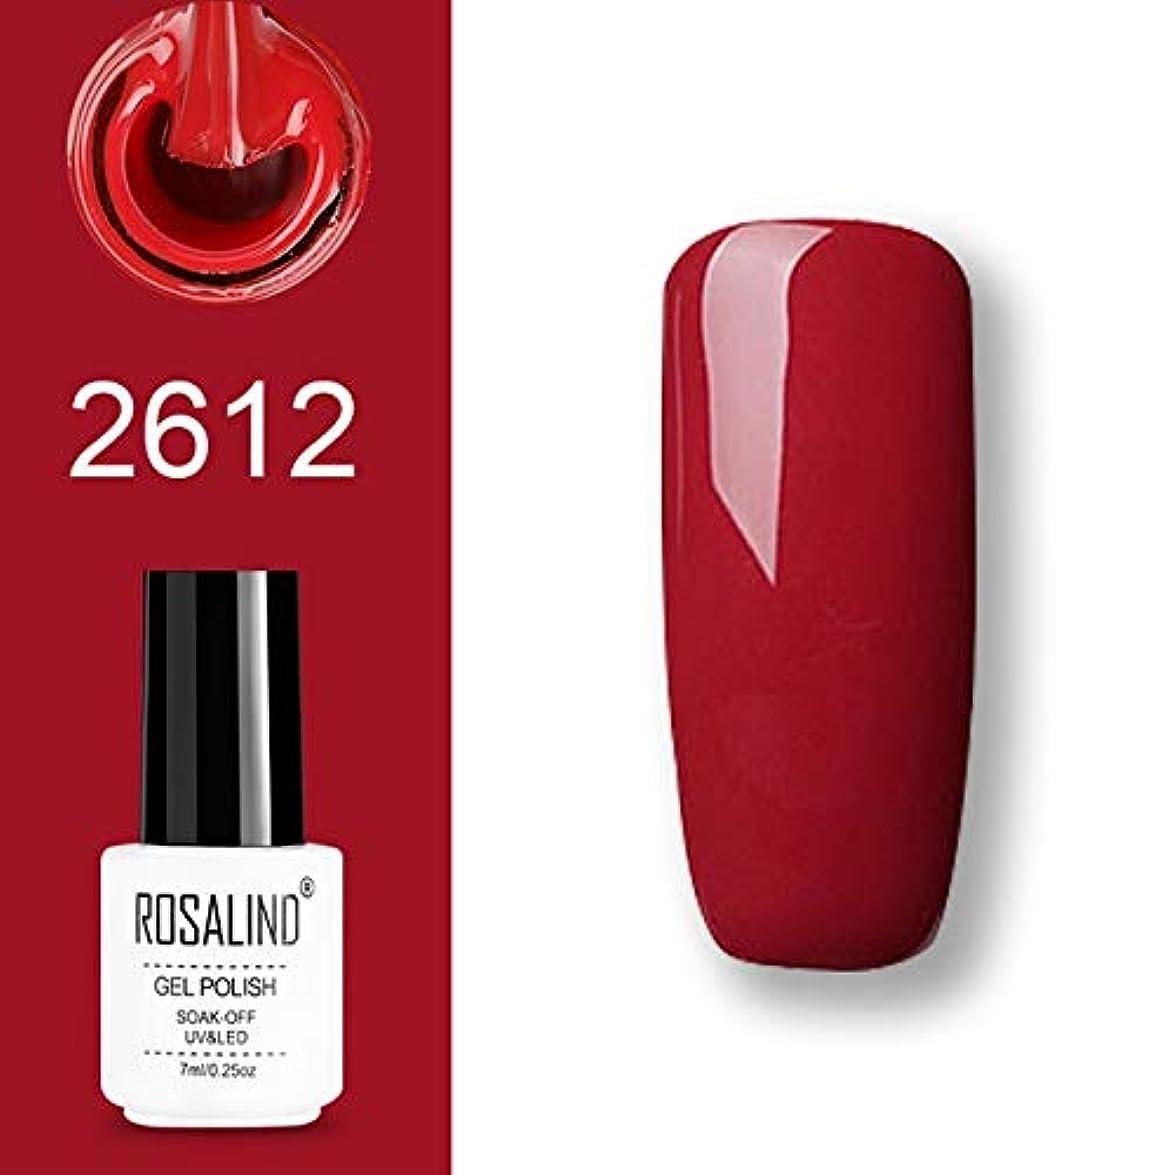 雰囲気霜電気陽性ファッションアイテム ROSALINDジェルポリッシュセットUV半永久プライマートップコートポリジェルニスネイルアートマニキュアジェル、容量:7ml 2612ピュアカラーネイルグルー 環境に優しいマニキュア